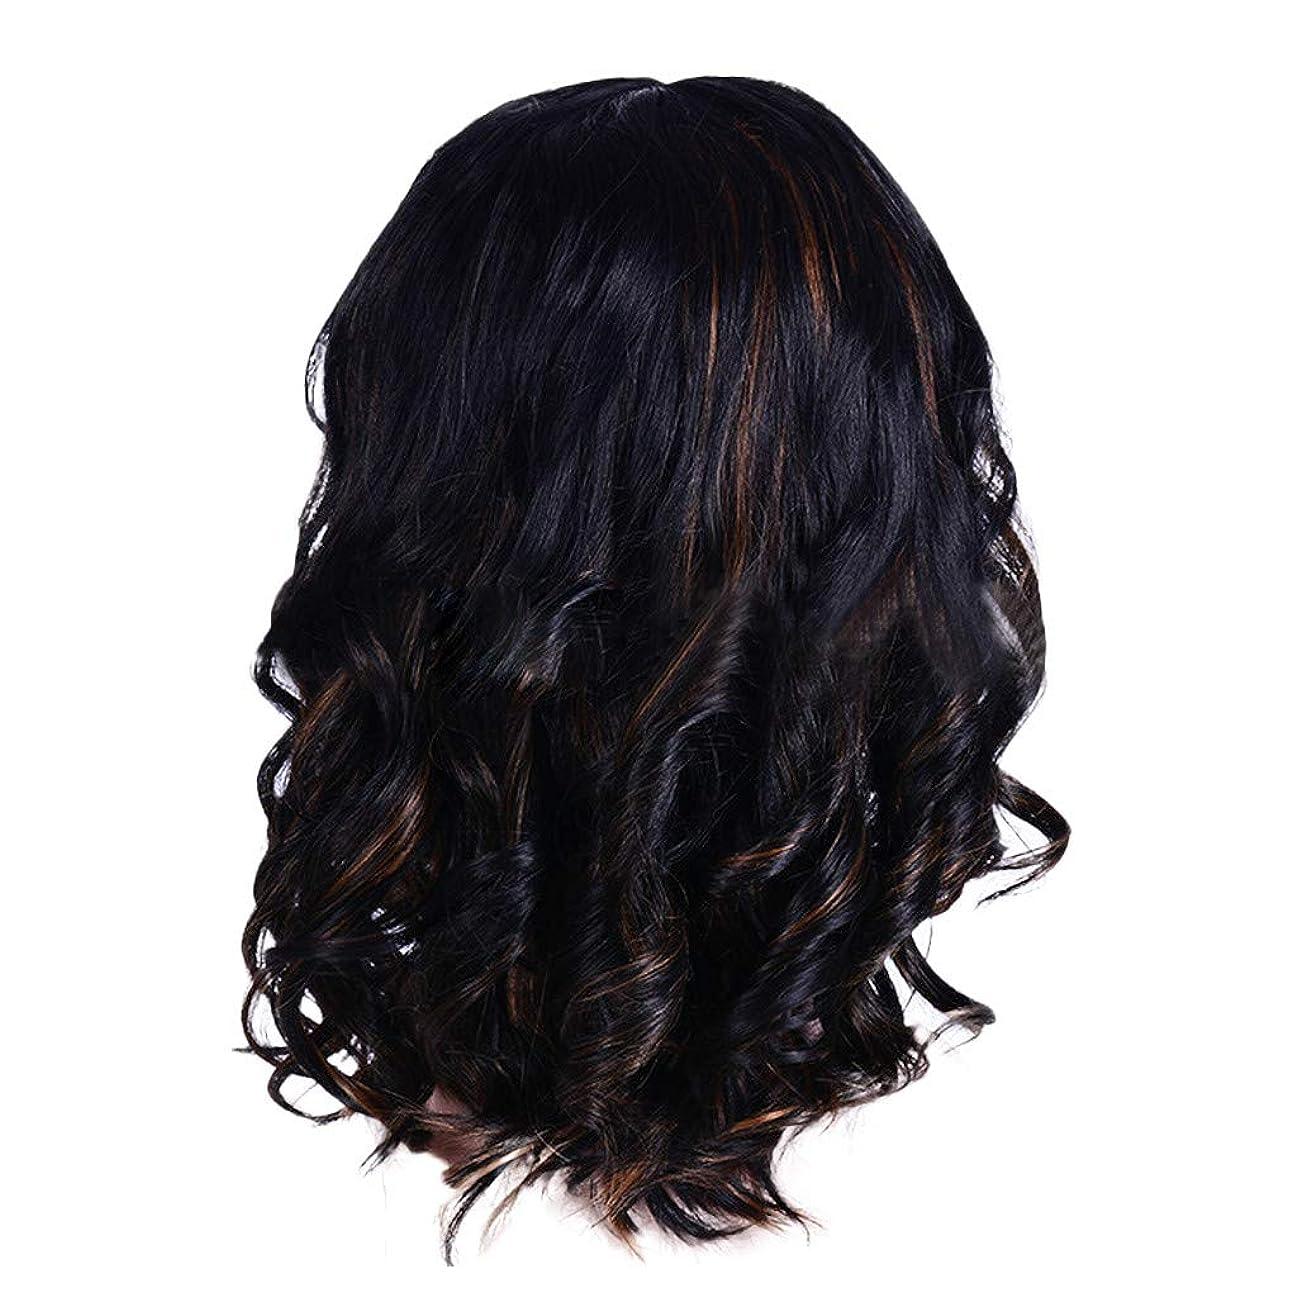 一貫性のない作成者鰐ウィッグの女性の短い巻き毛の黒ボブエレガントなファッションウィッグ